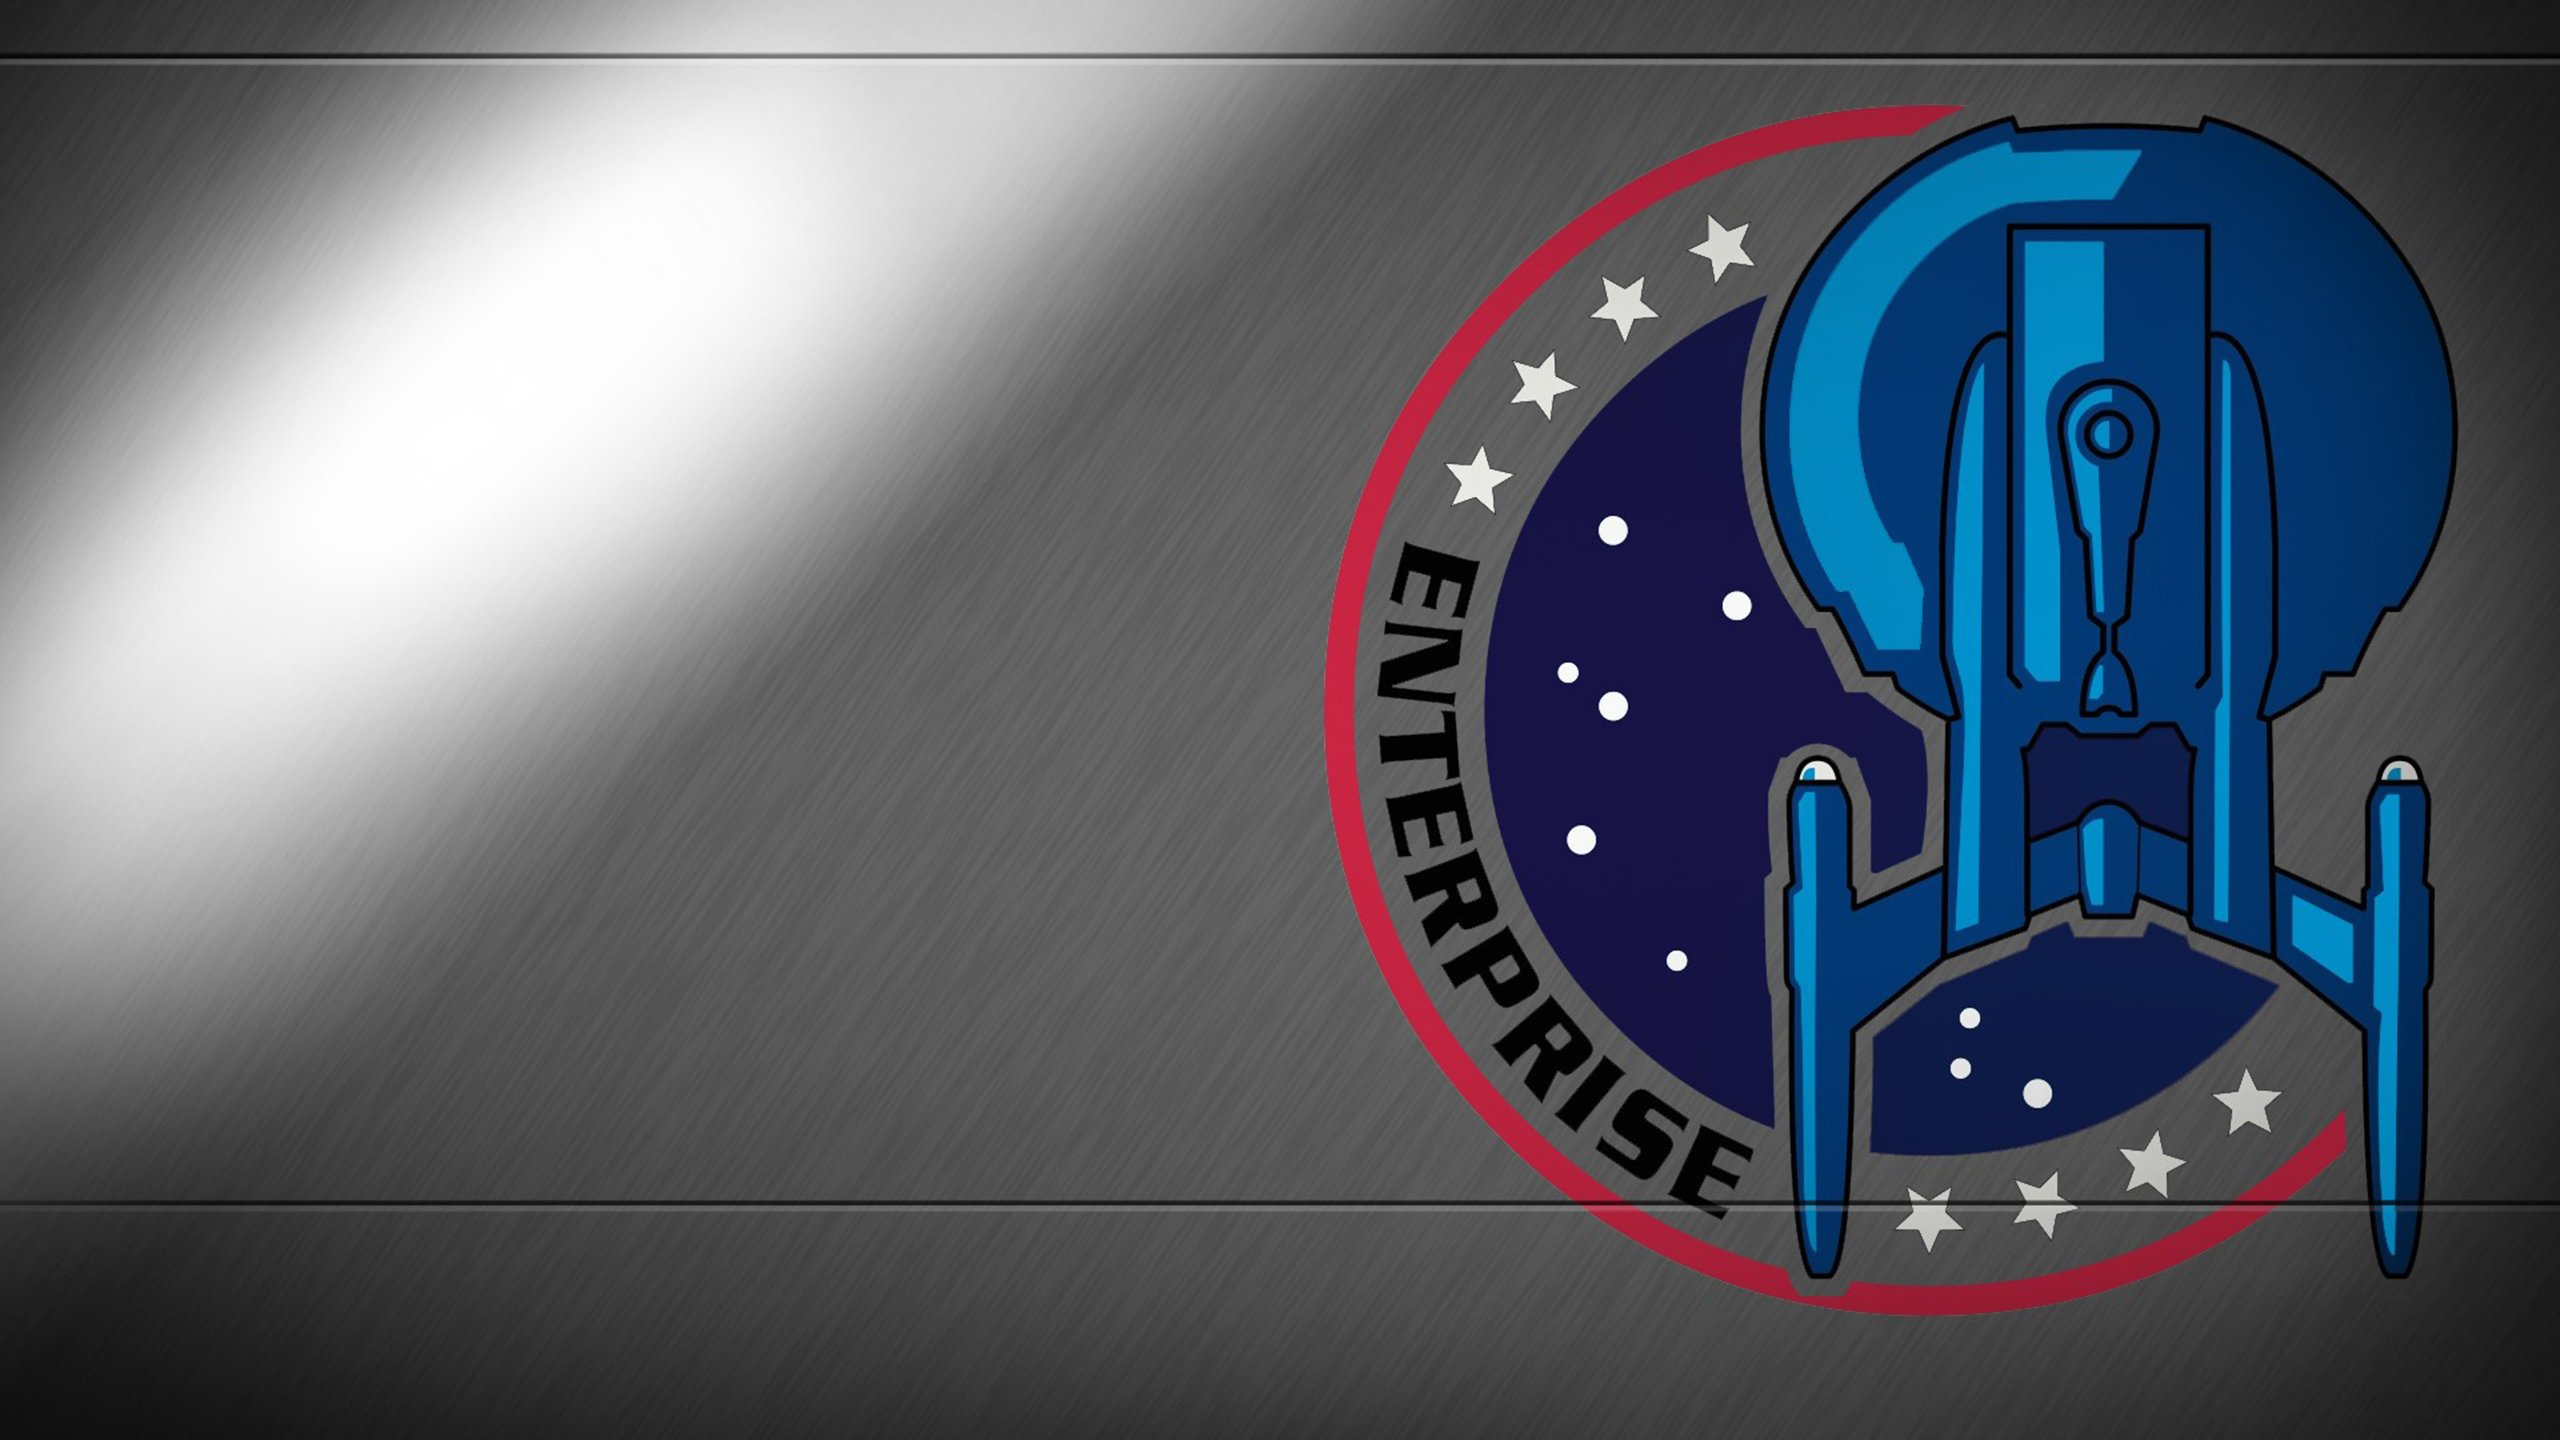 Star trek enterprise logo wallpaper 2560x1440 397828 - Star trek symbol wallpaper ...